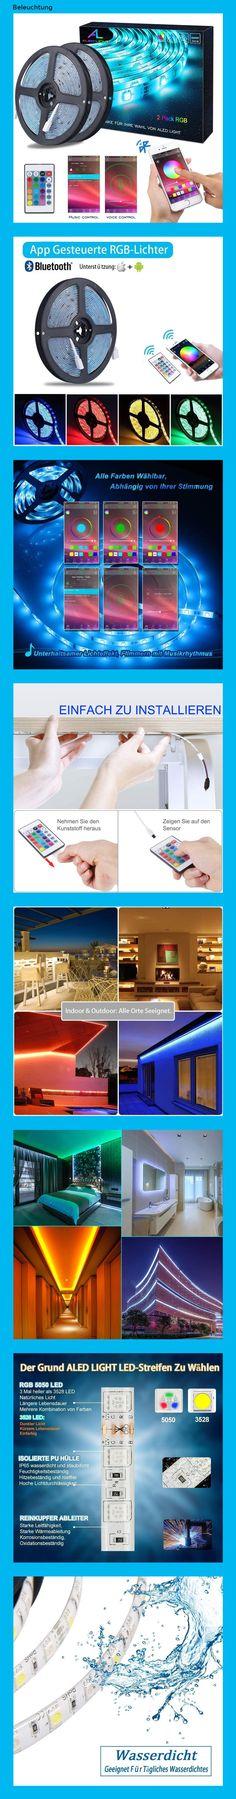 Fein Mini Led Rgb Remote Controller 12 V Rf Wireless Controller Für Led Streifen Licht Ideales Geschenk FüR Alle Gelegenheiten Rgb-controller Licht & Beleuchtung